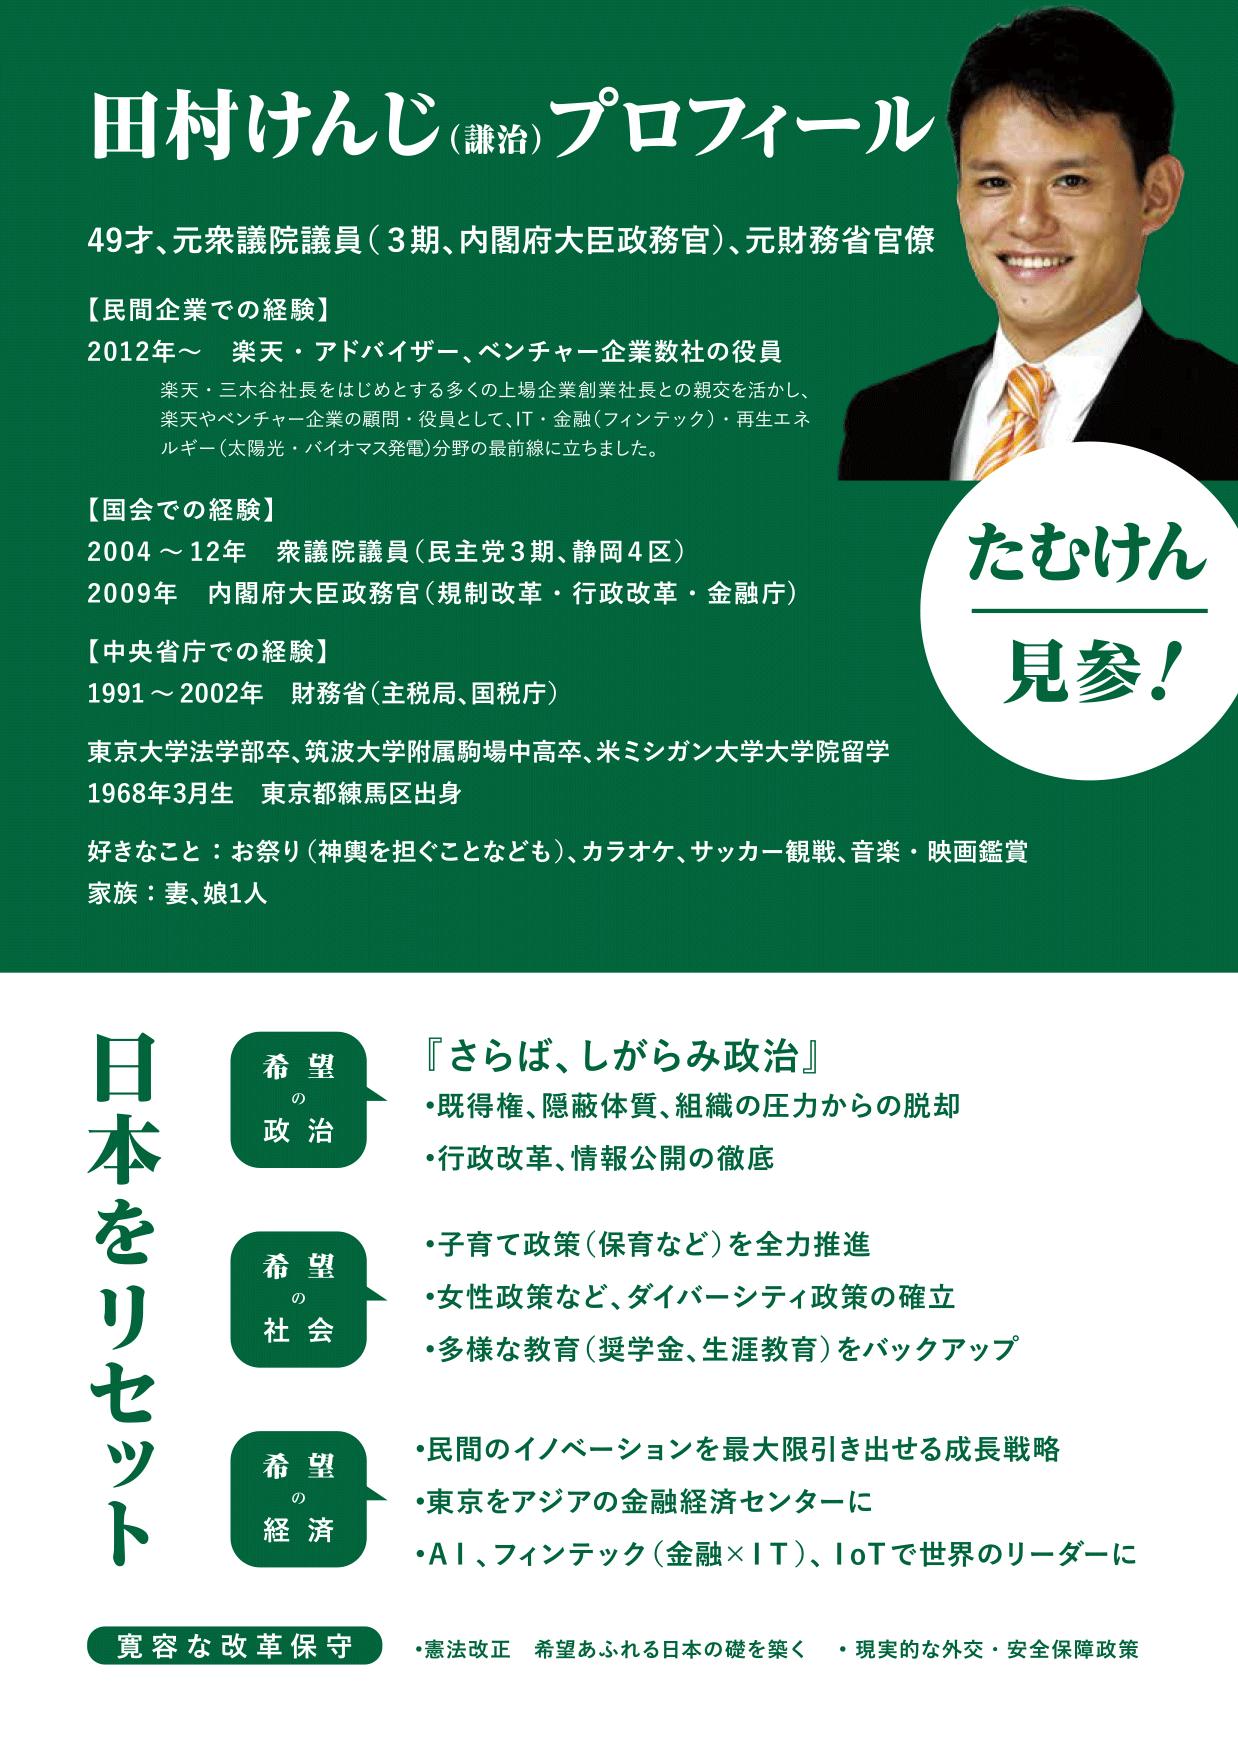 tamuken-web02